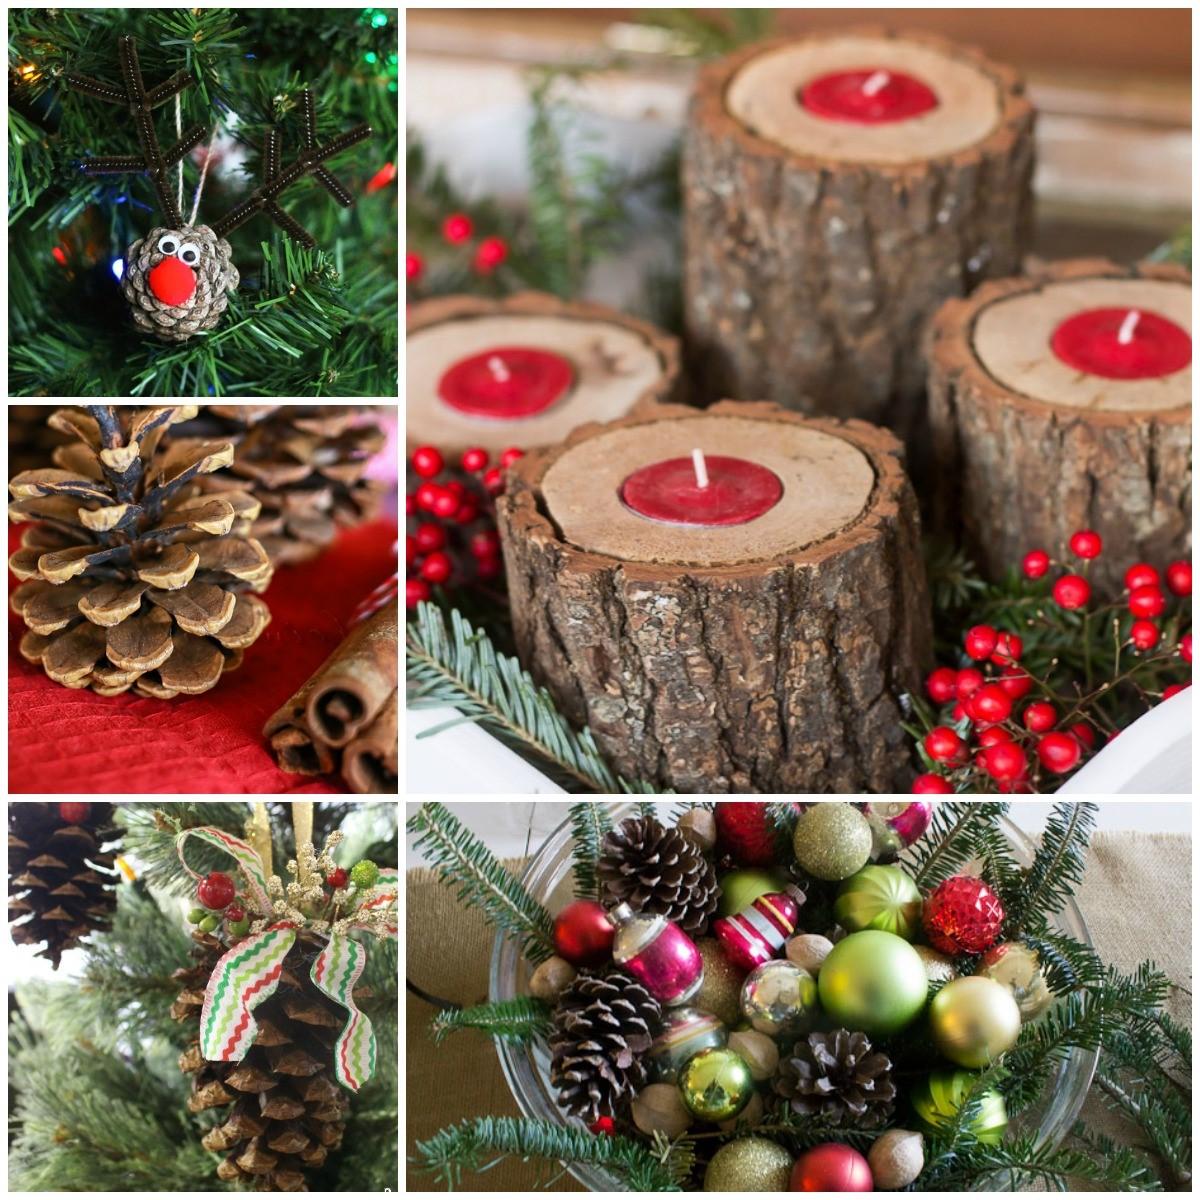 Décoration de Noël naturelle avec des pommes de pin.